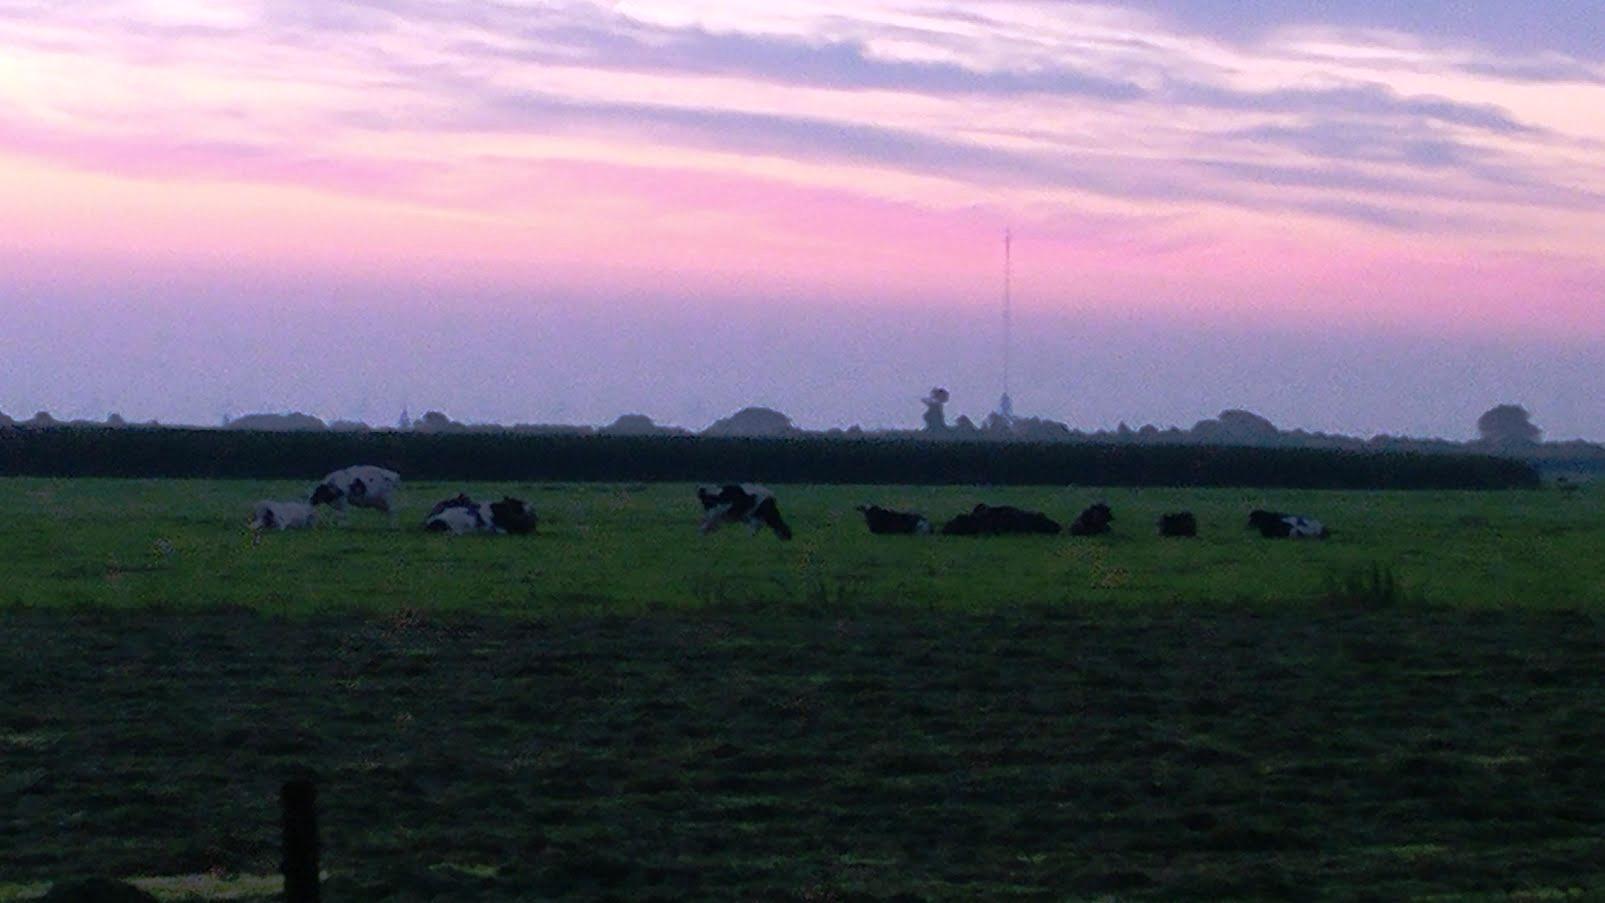 פרות במרעה על רקע שקיעה בהולנד